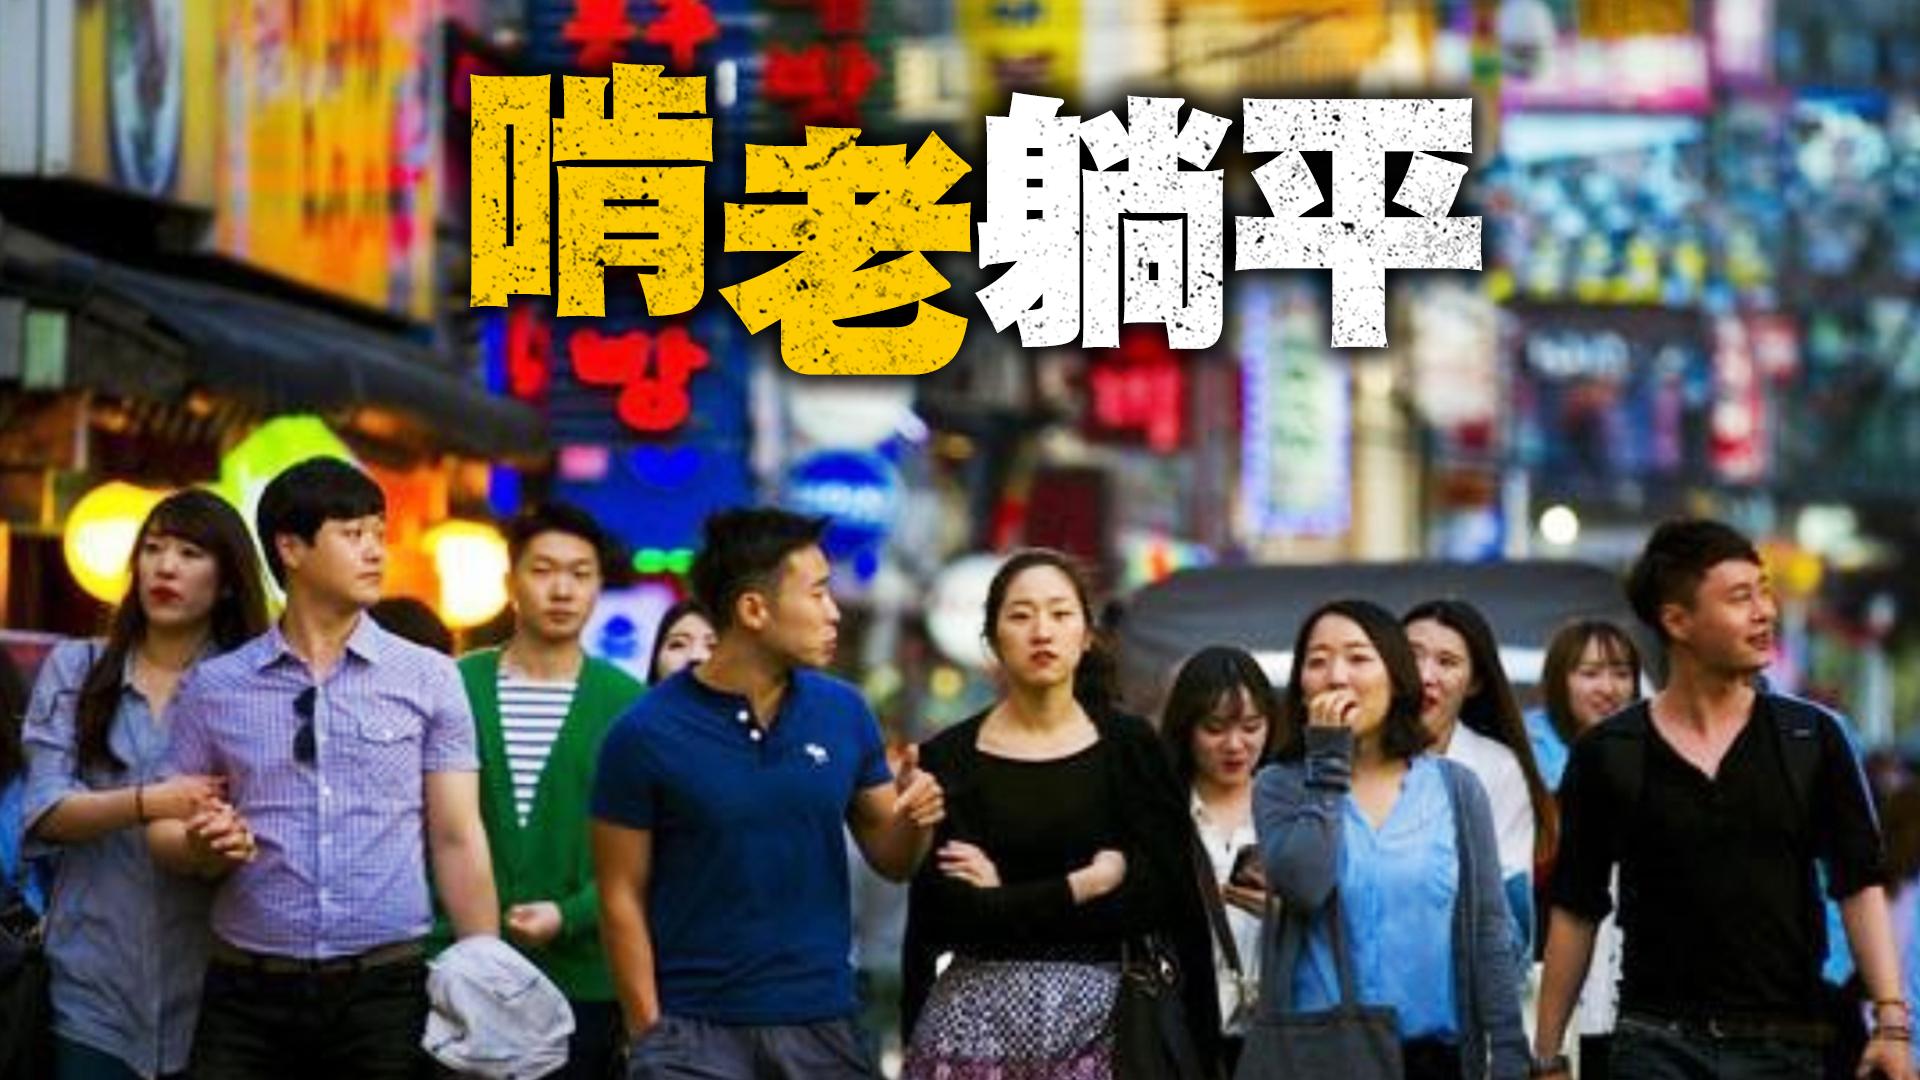 南韩公布年轻族群就业资讯,竟有近10万啃老族赋闲在家,连找工作都不愿。资料照片(photo:AppleDaily)